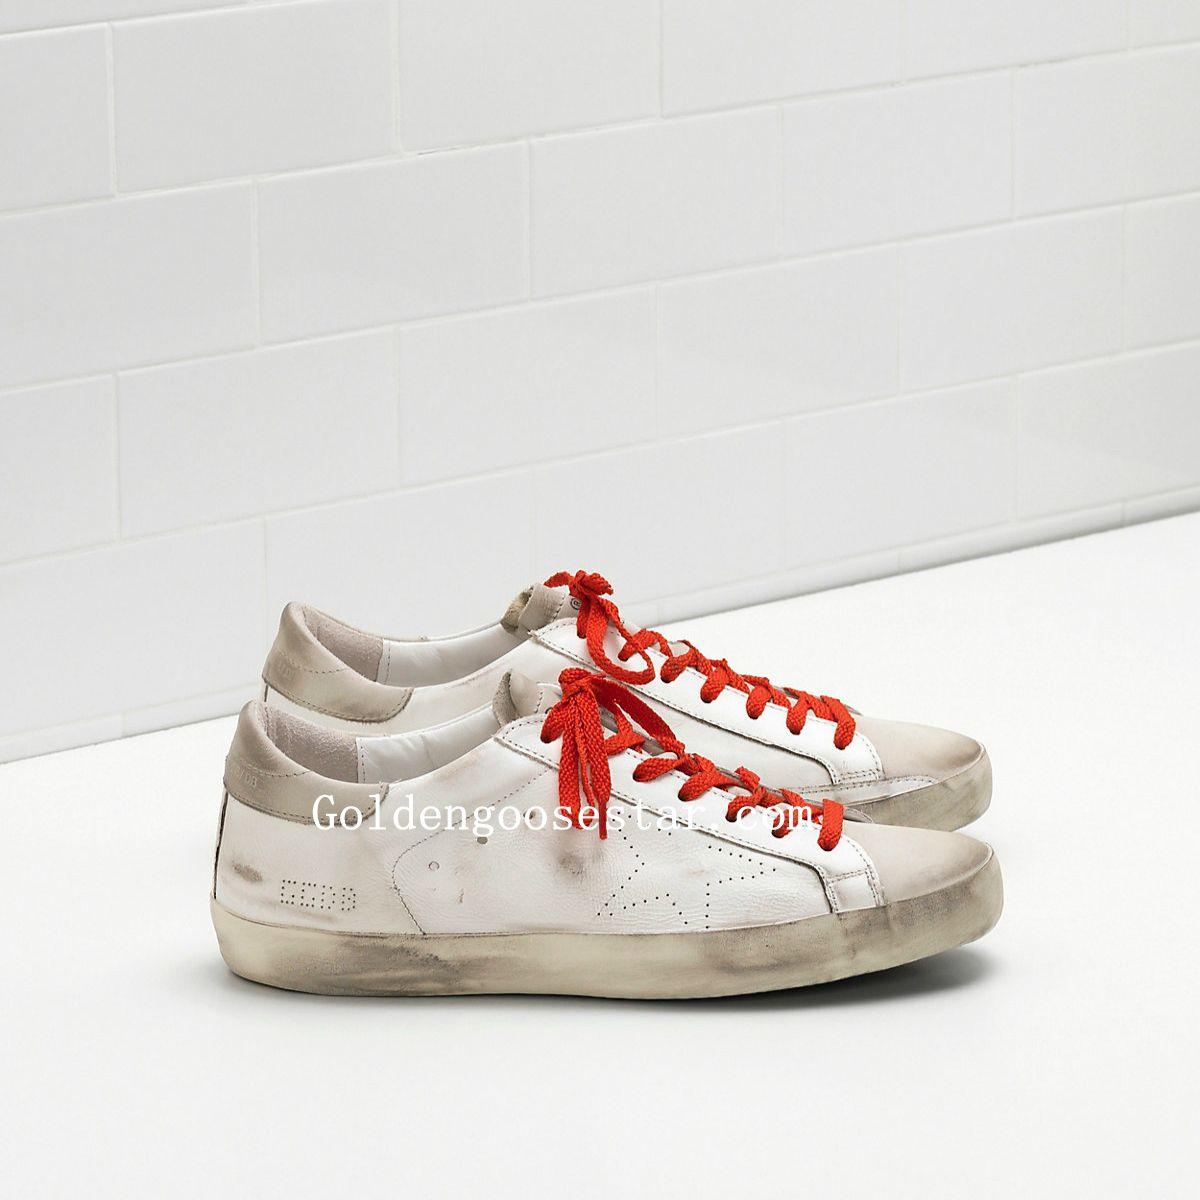 Golden Goose Super Star Sneakers In